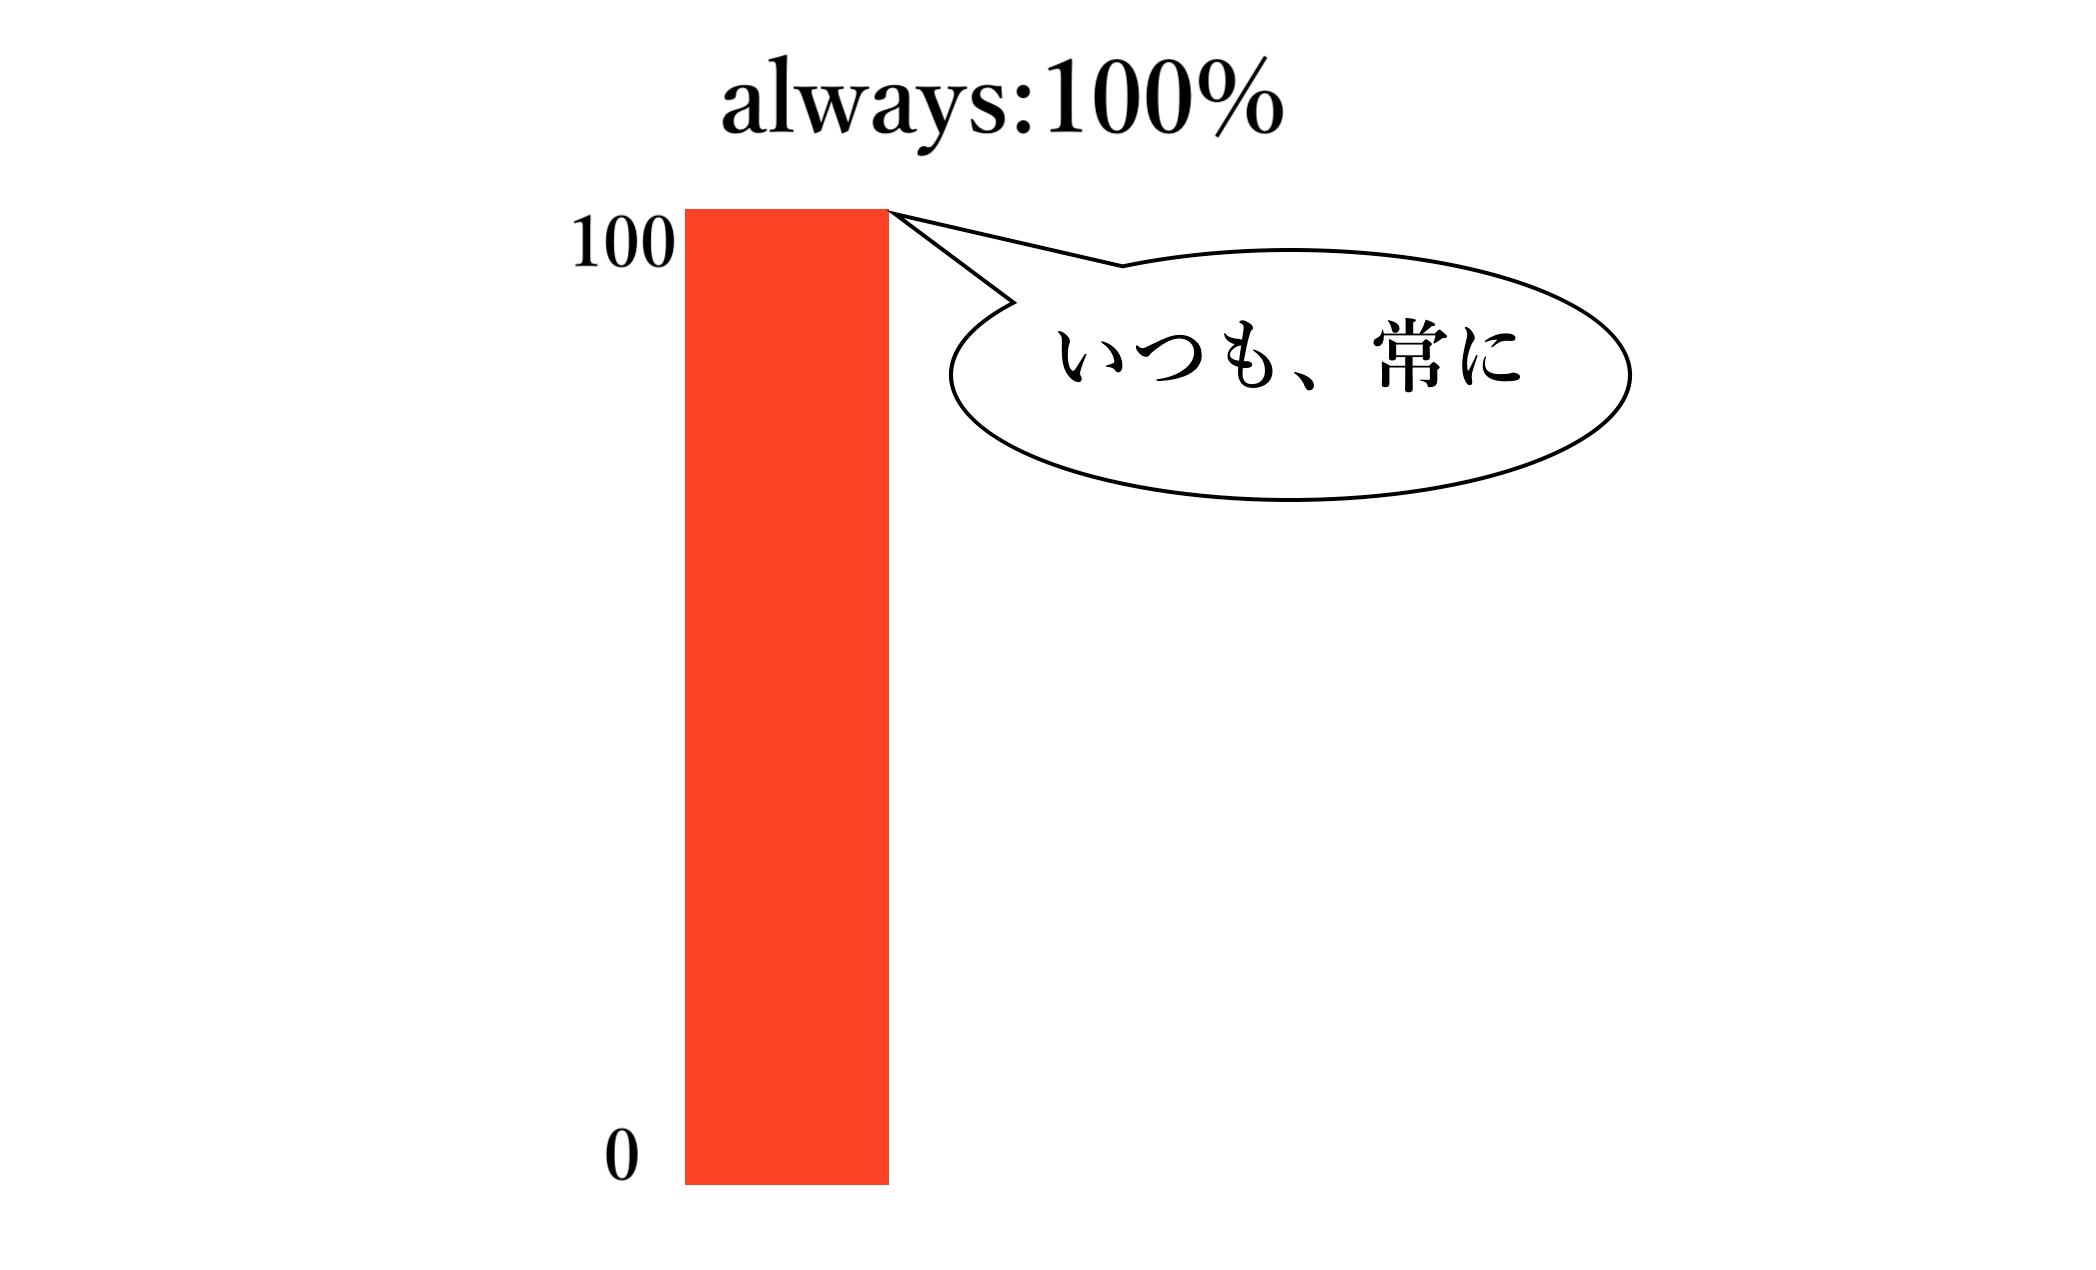 alwaysイメージ図(自作)